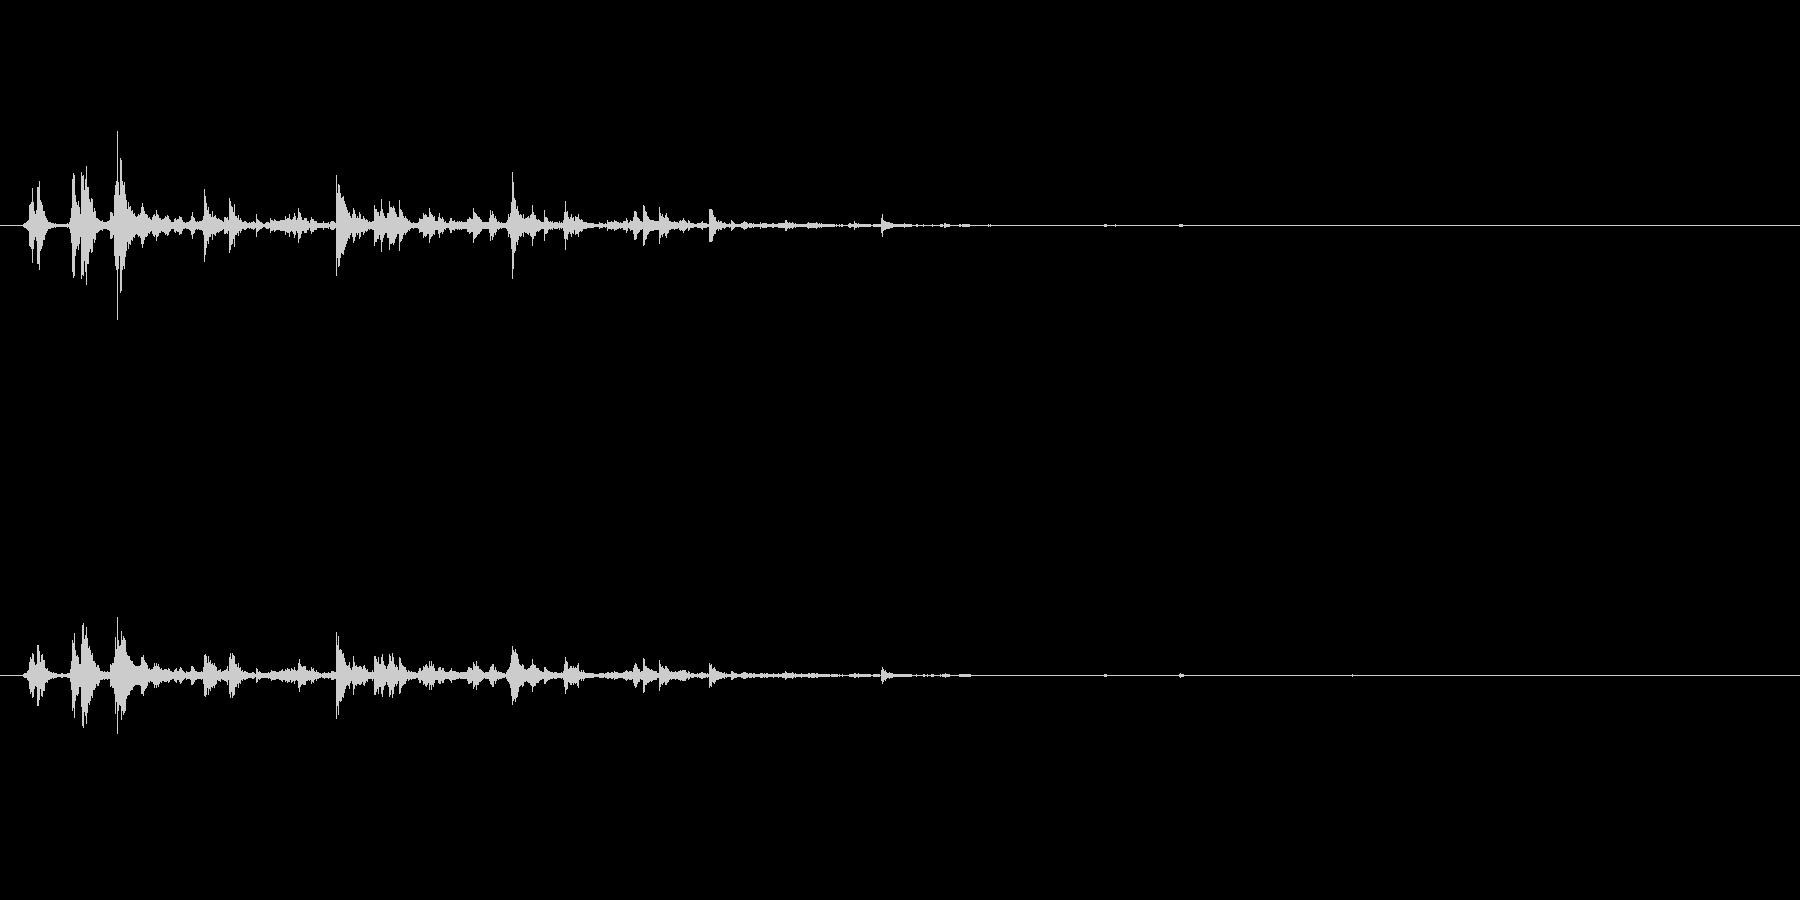 パリパリーン(氷を割る音)の未再生の波形